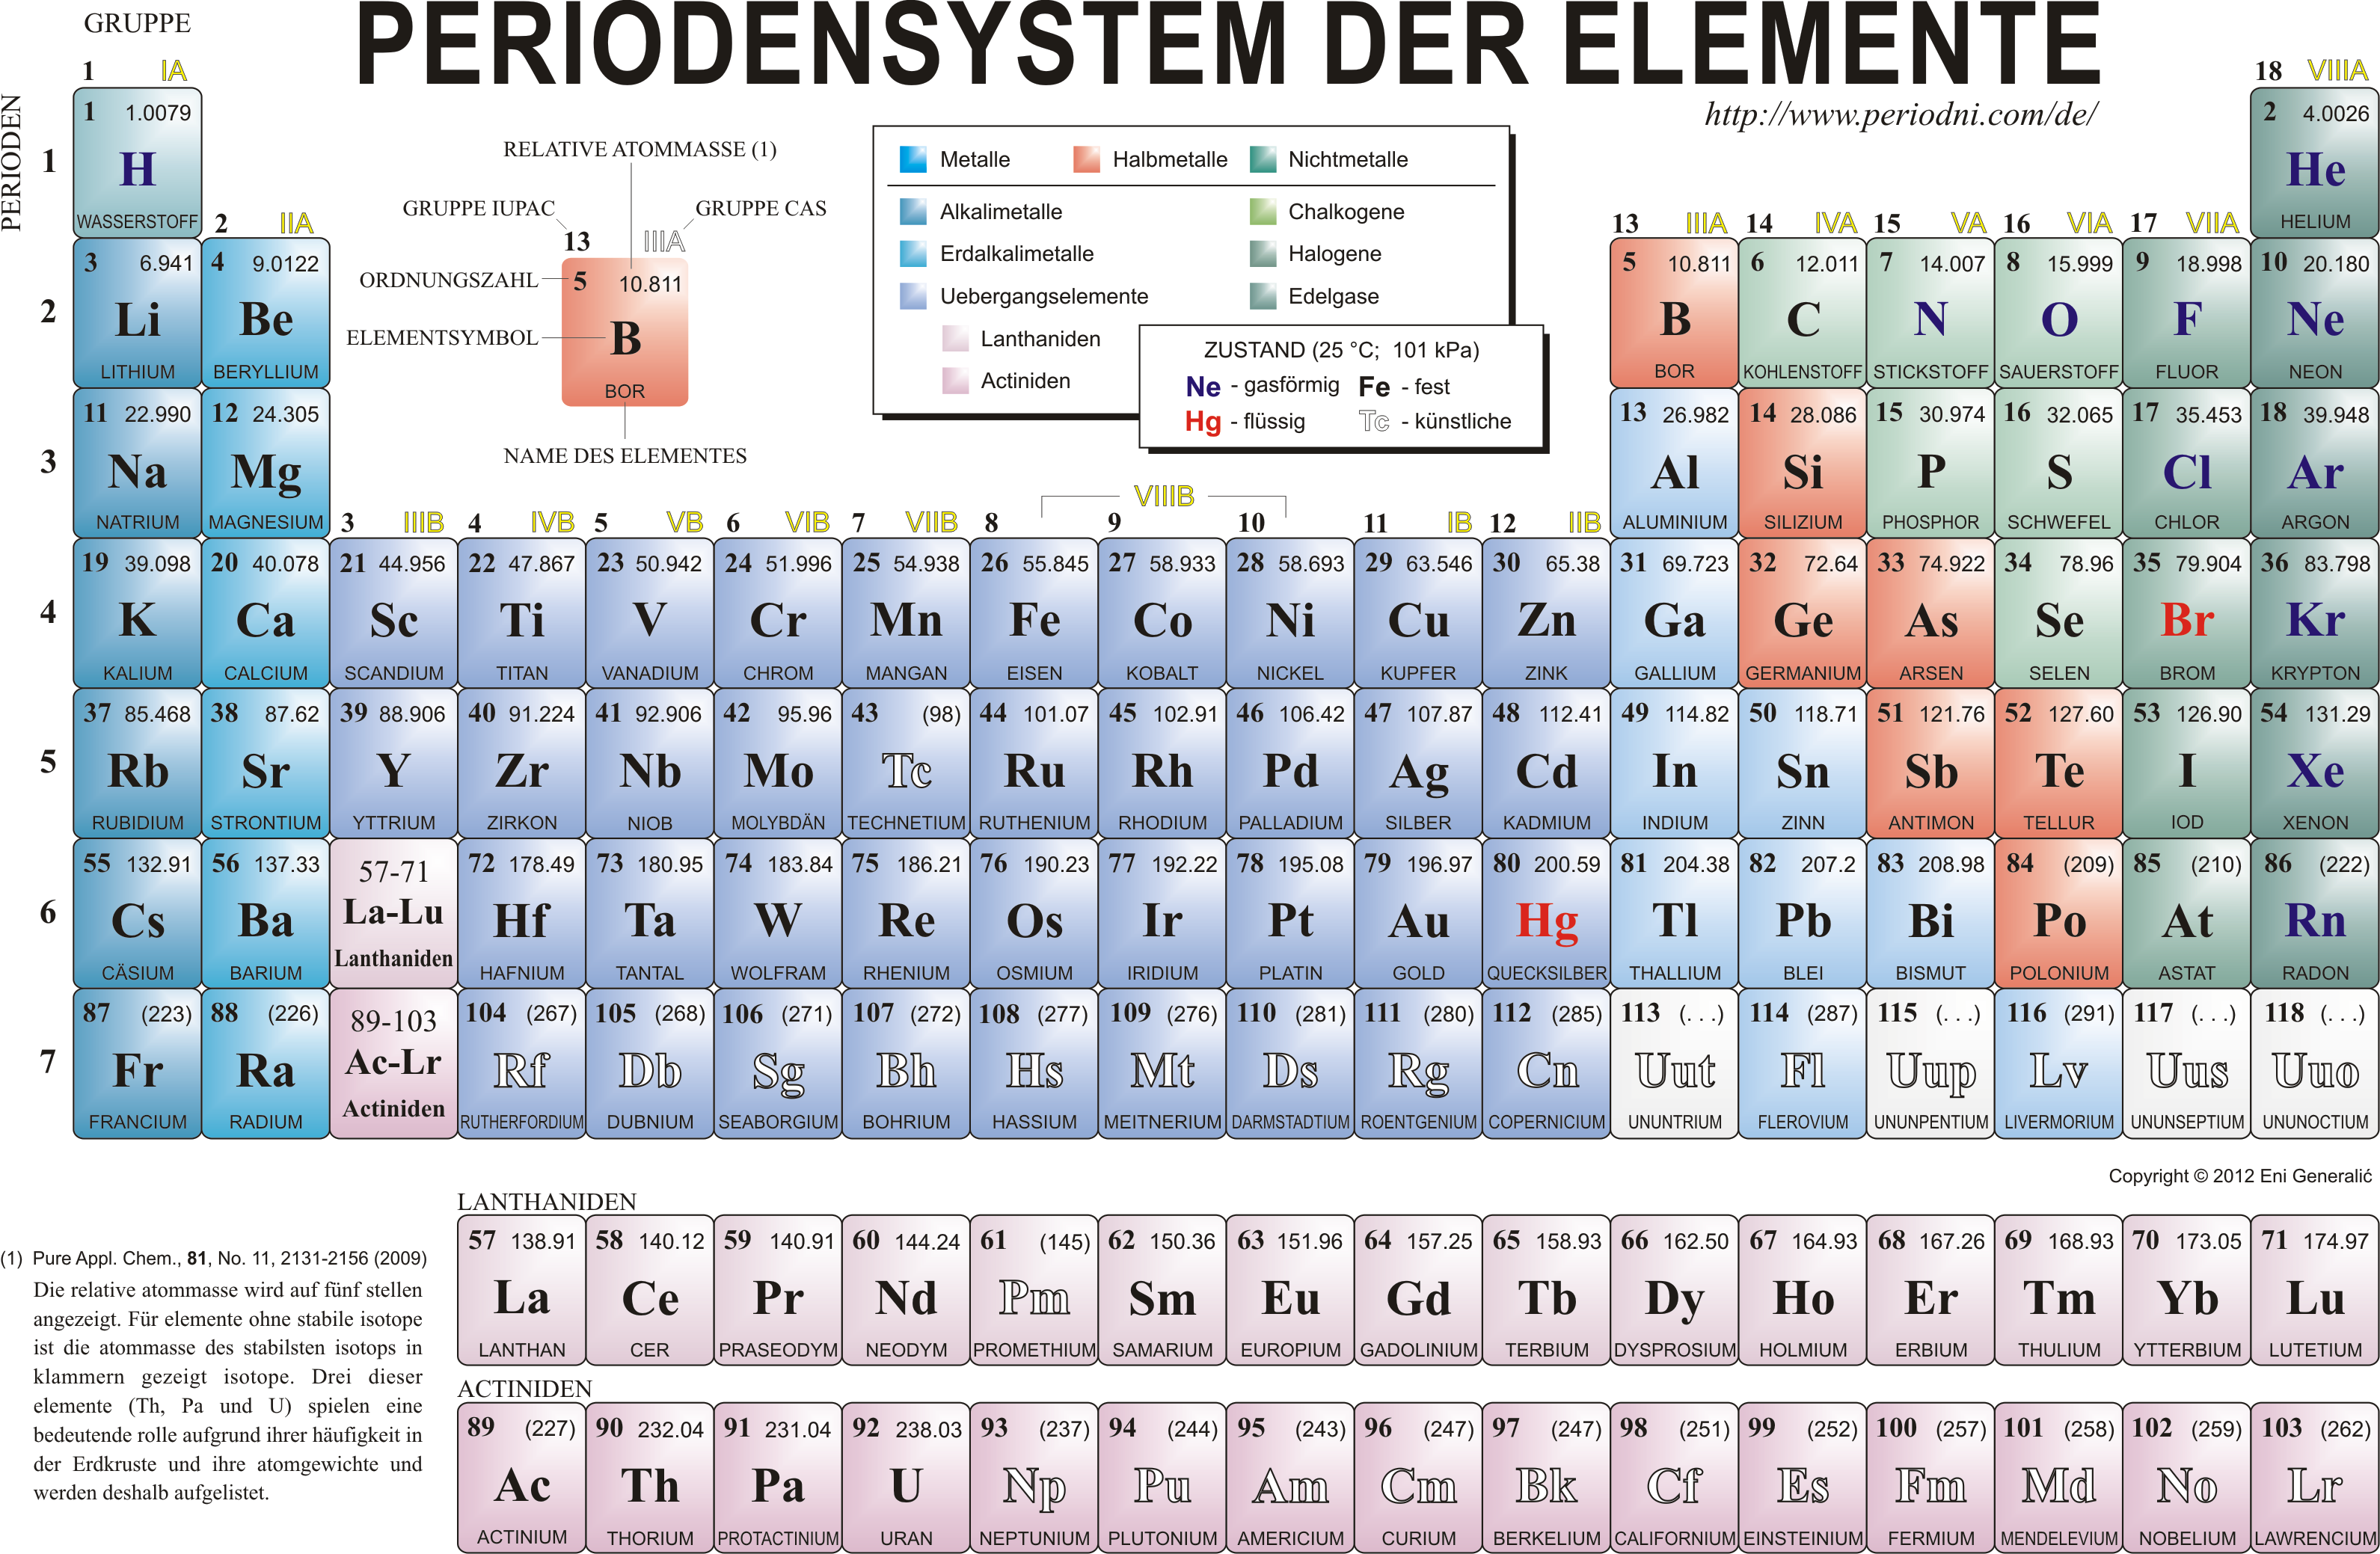 periodensystem der elemente | Schoolstuff | Pinterest ...